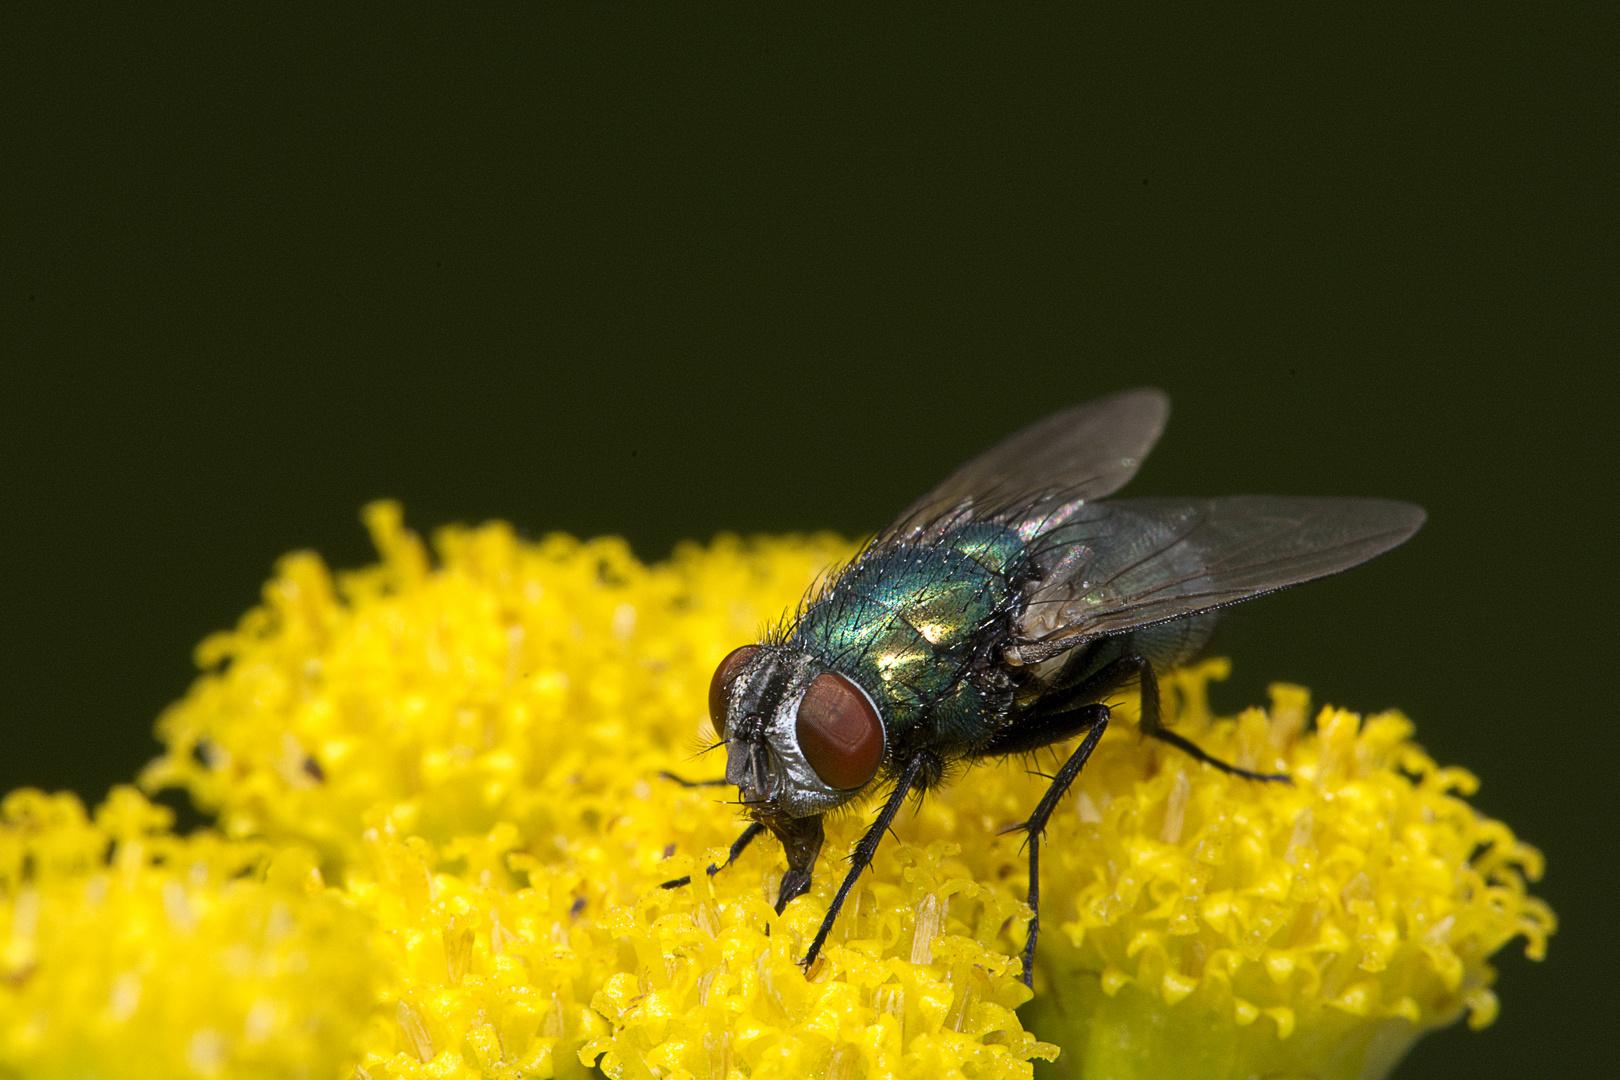 Fly03